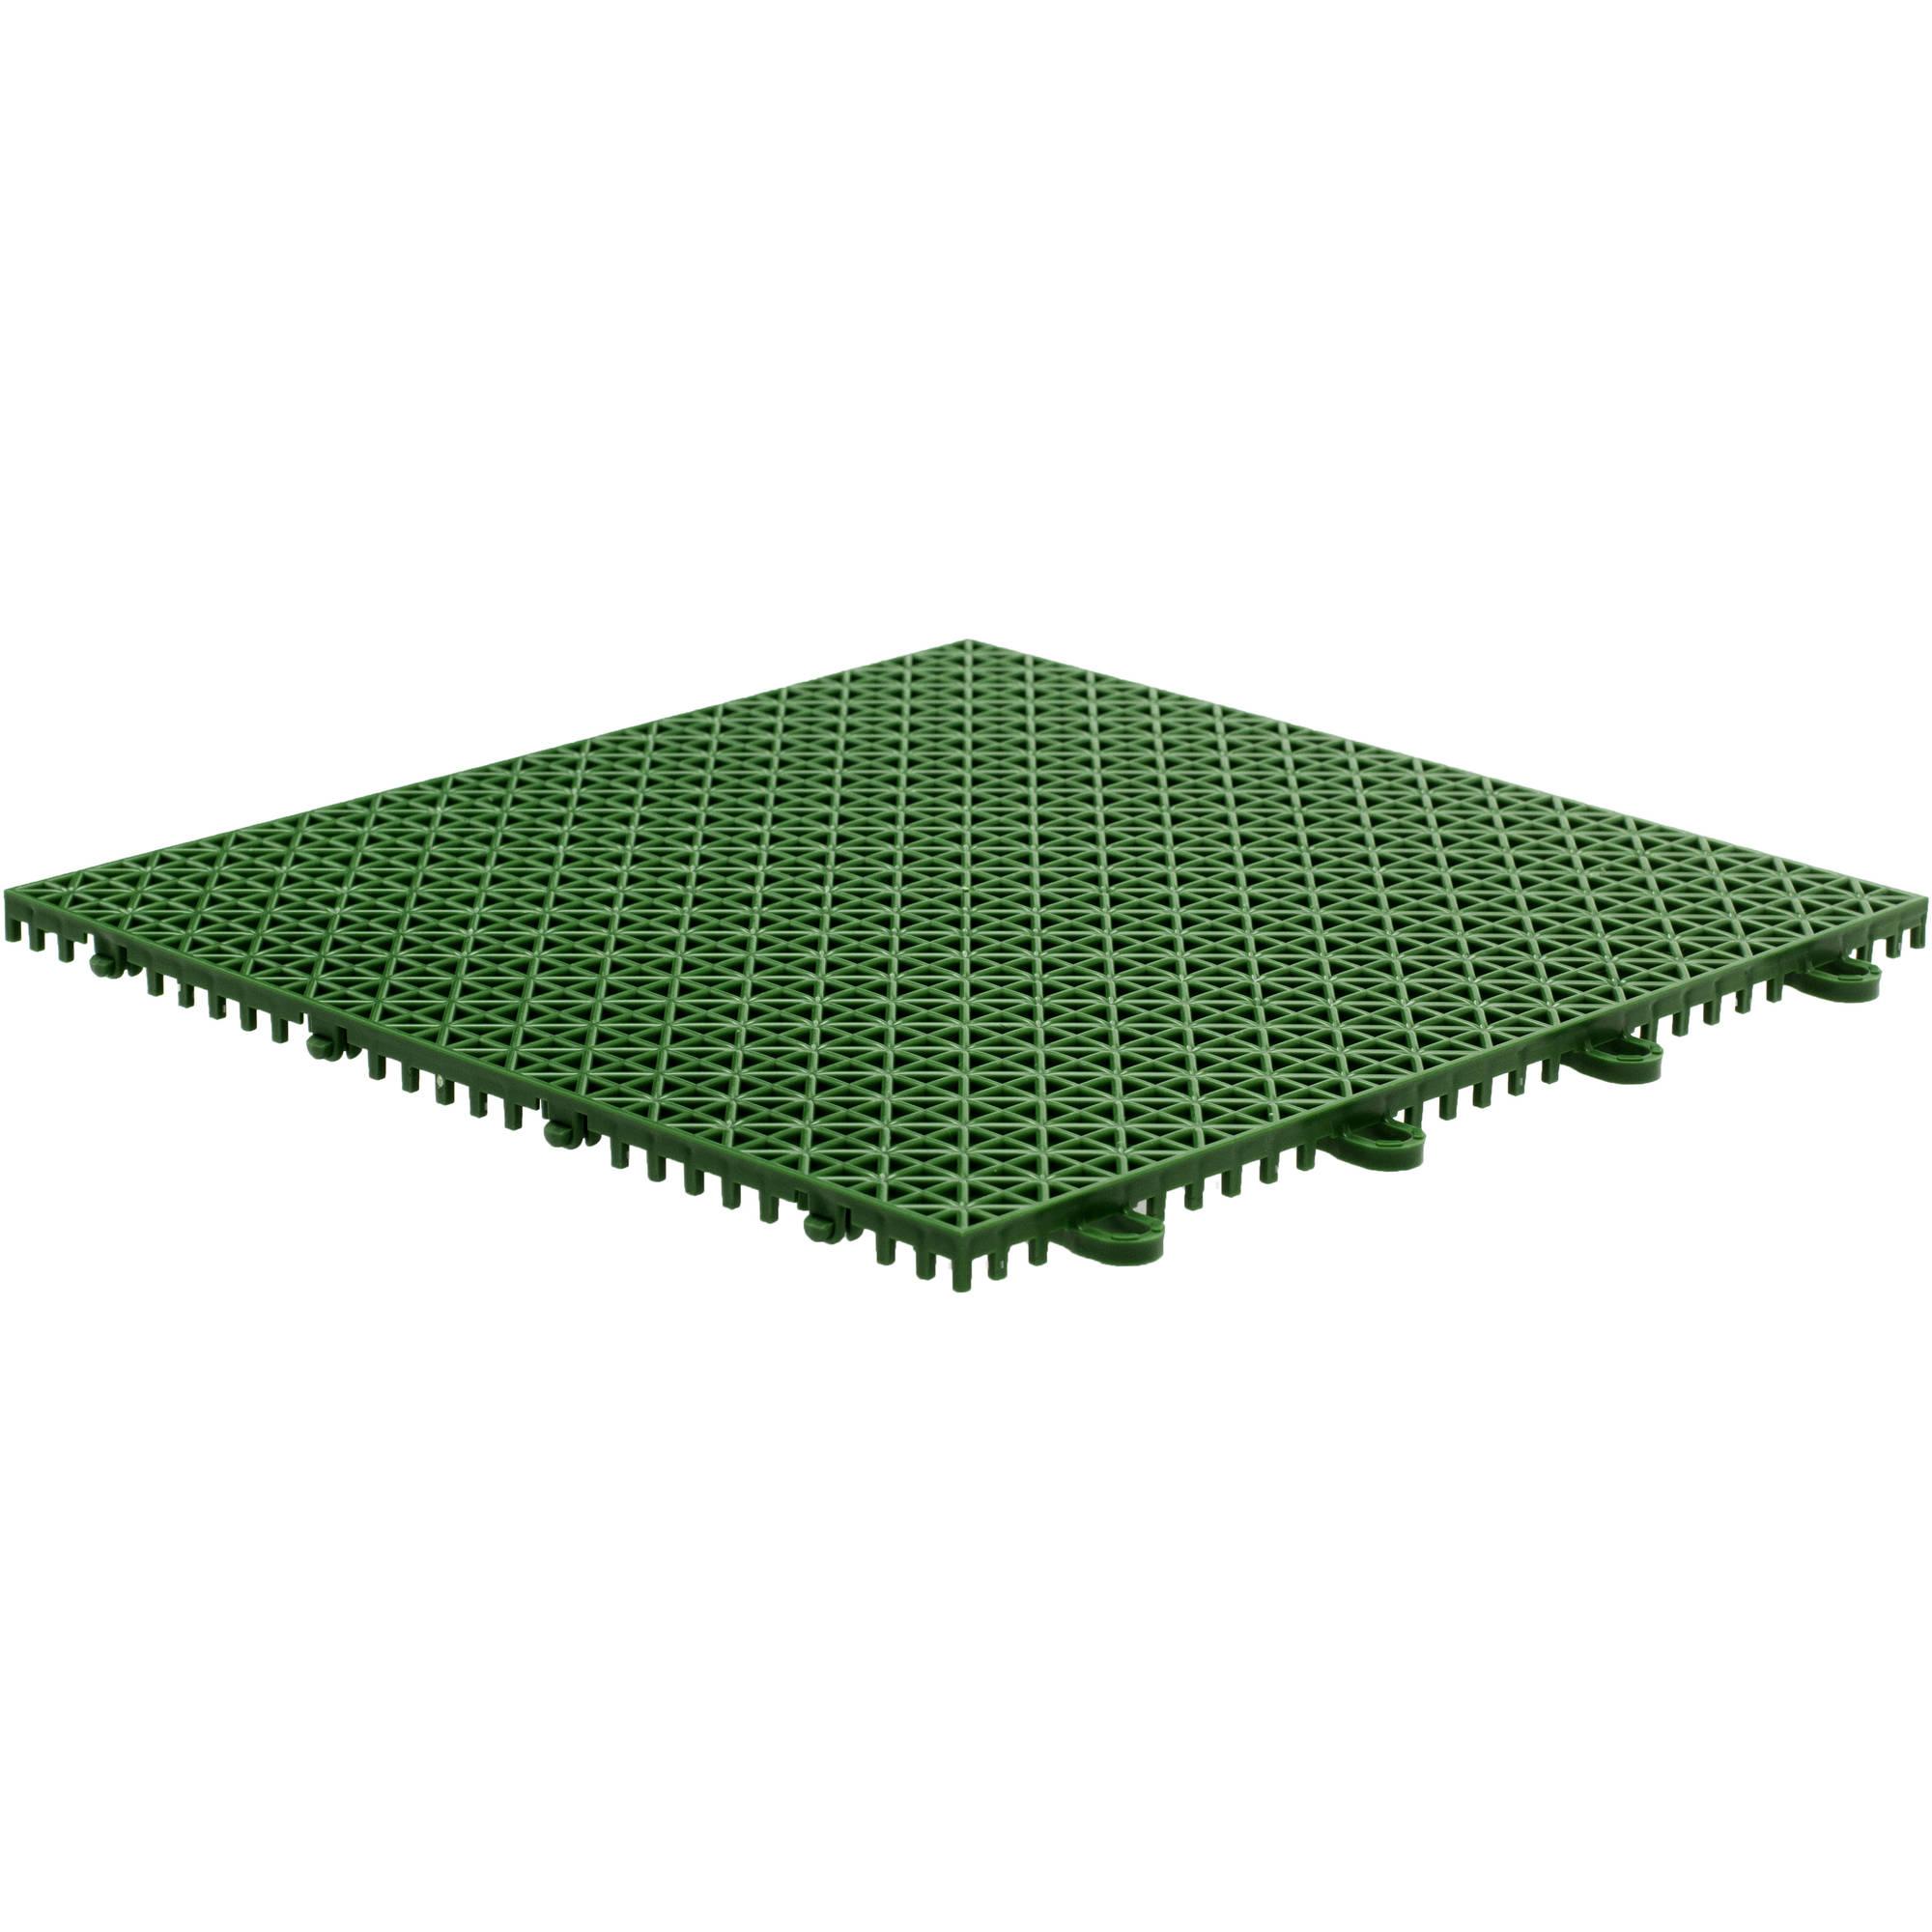 Armadillo Tile 12 X 12 Extreme Green 9 Per Pack Walmart Com Walmart Com